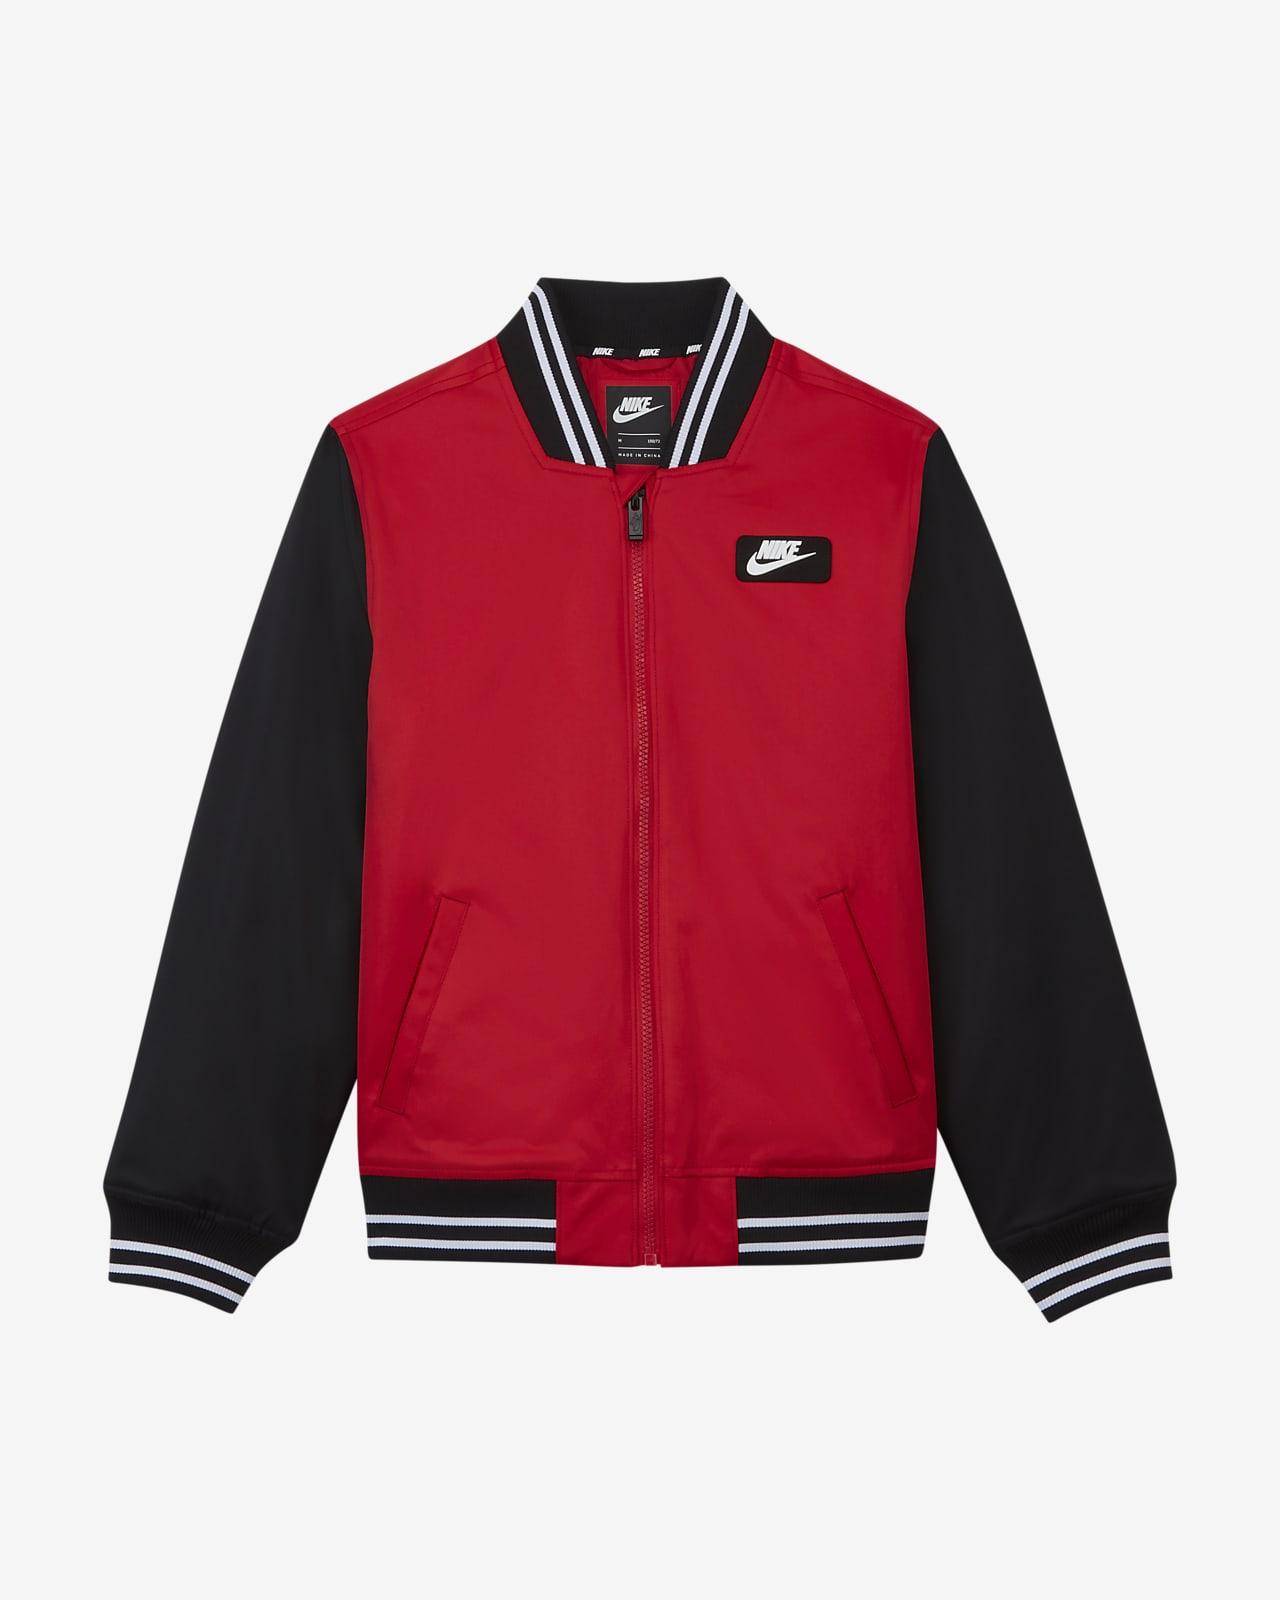 Nike 大童运动夹克